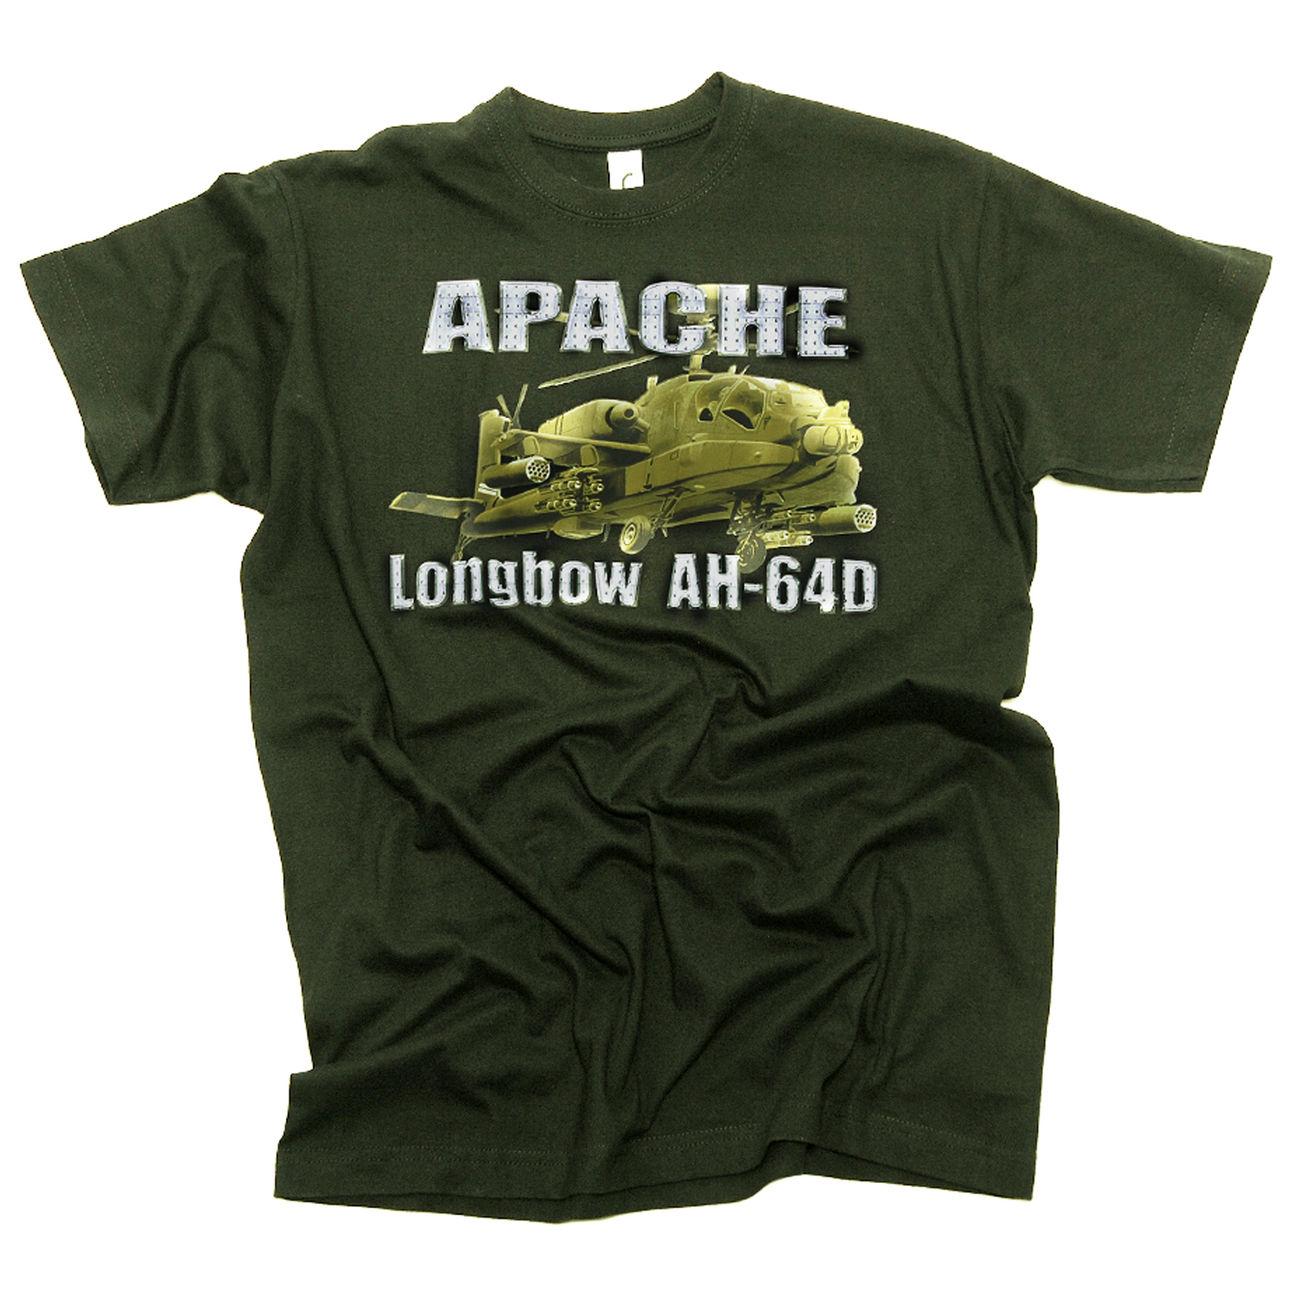 453af7751671b Sol s Imperial T-Shirt Apache Longbow AH-64D oliv günstig kaufen ...